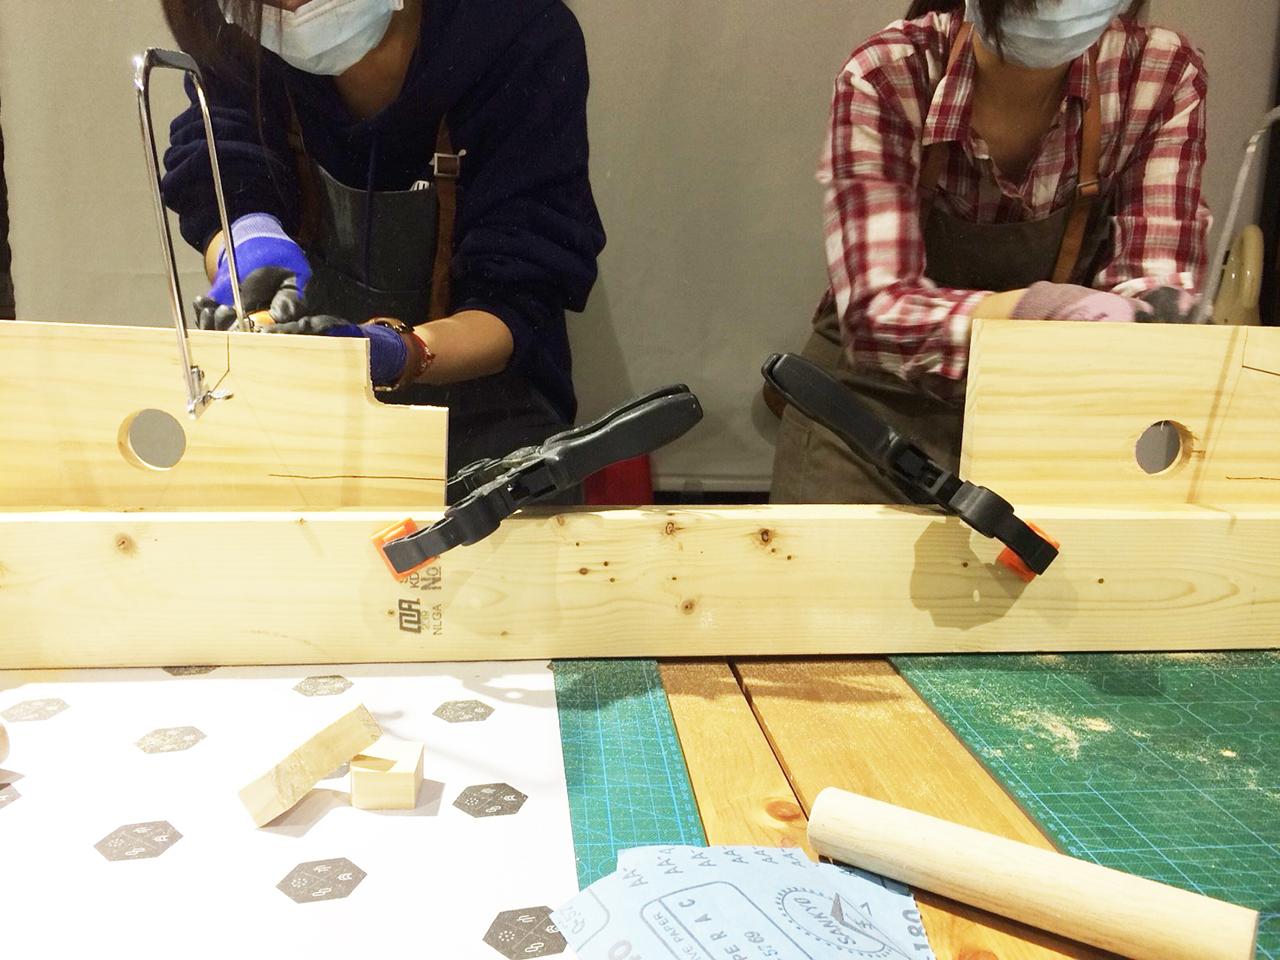 木造體驗課程